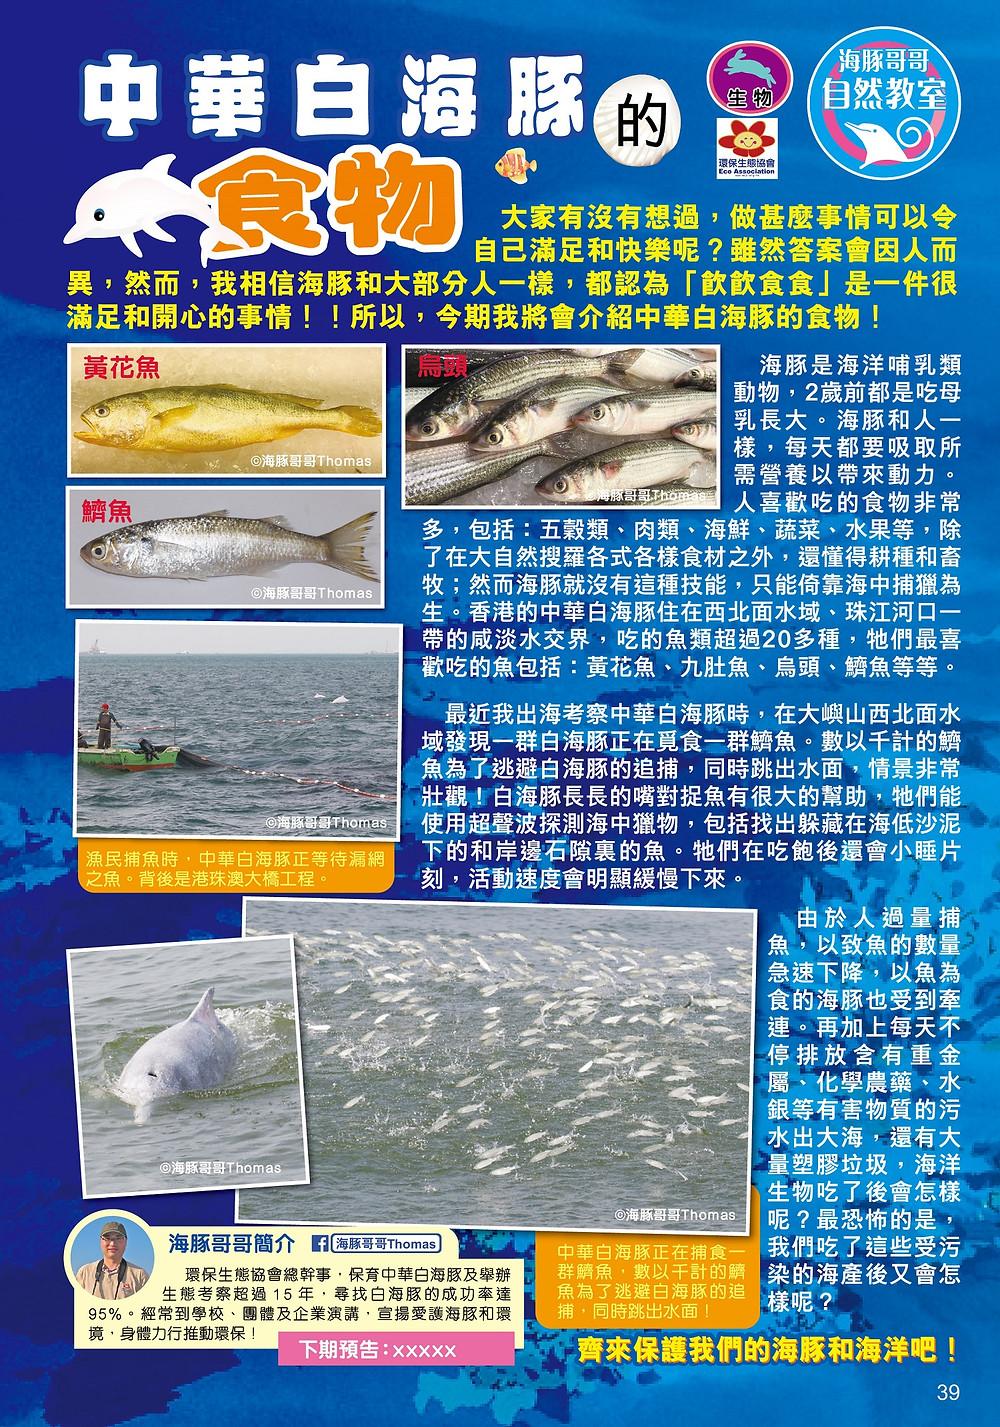 海豚哥哥 Mr Dolphins 《兒童的科學》雜誌專欄作者,原文刊登於《兒童的科學》第146期,中華白海豚食甚麼